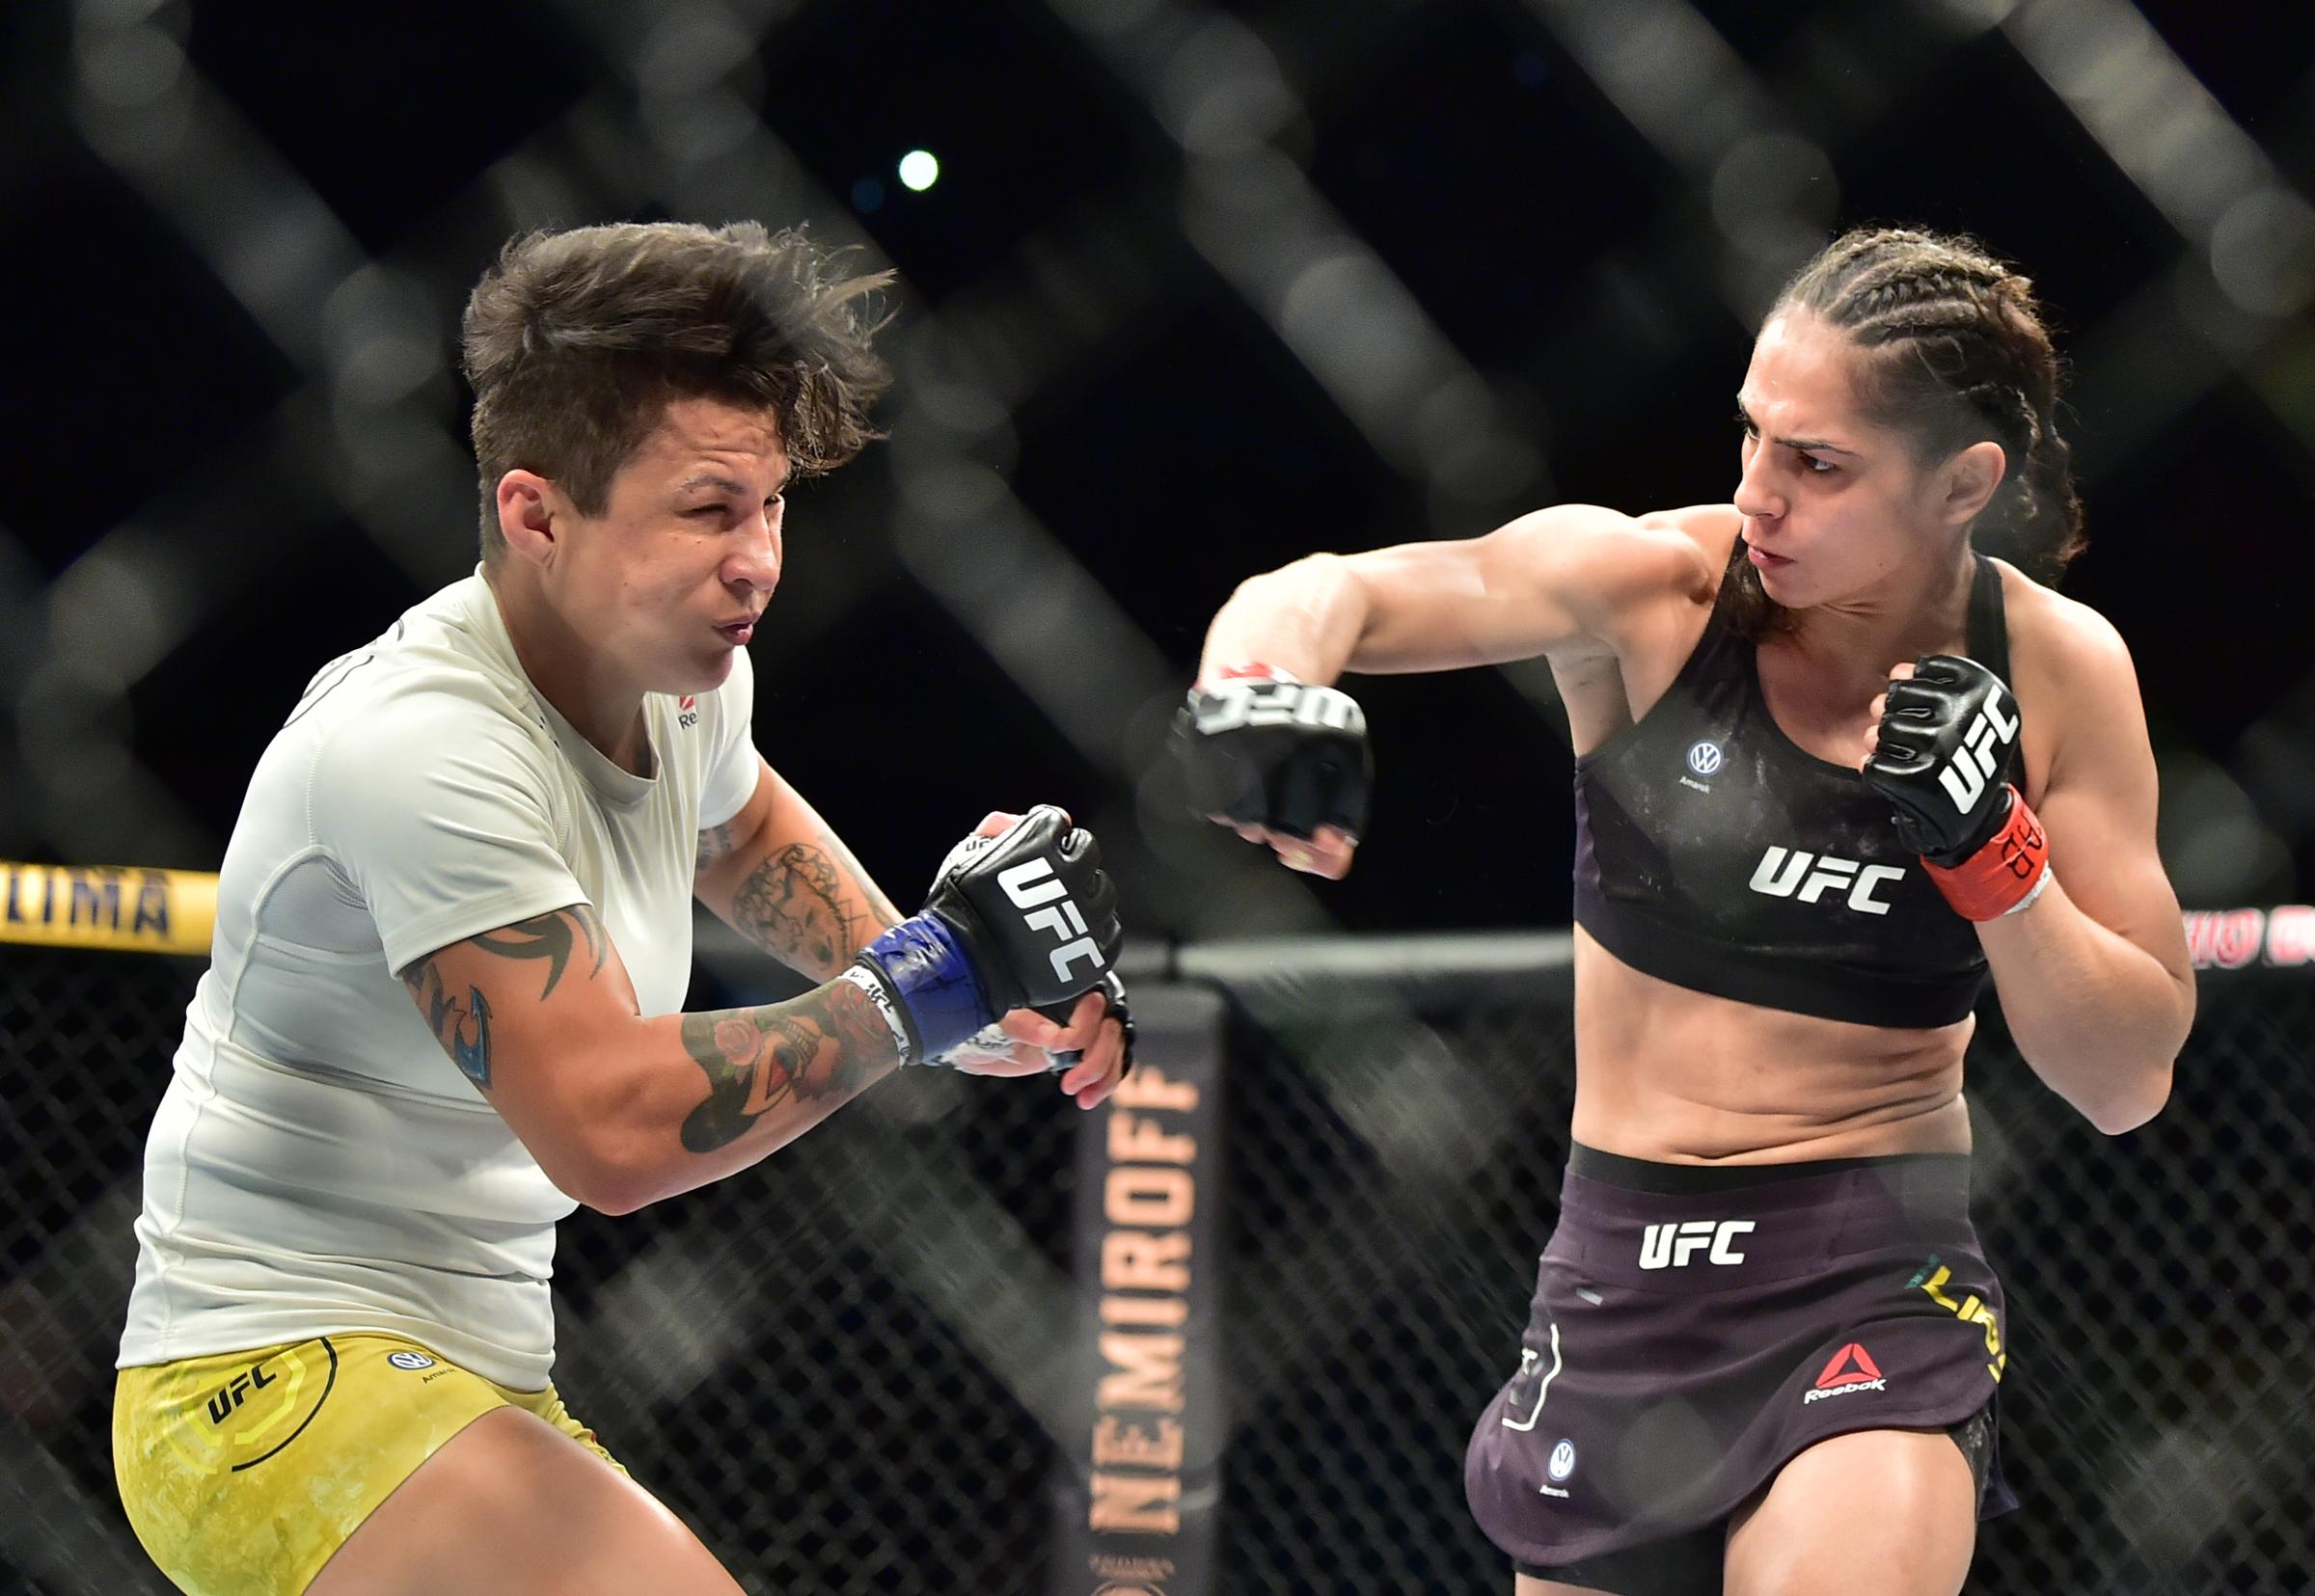 Ariane Lipski (red gloves) fights Isabela De Pauda (blue gloves) during UFC Fight Night at Ginsasio do Ibirapuera